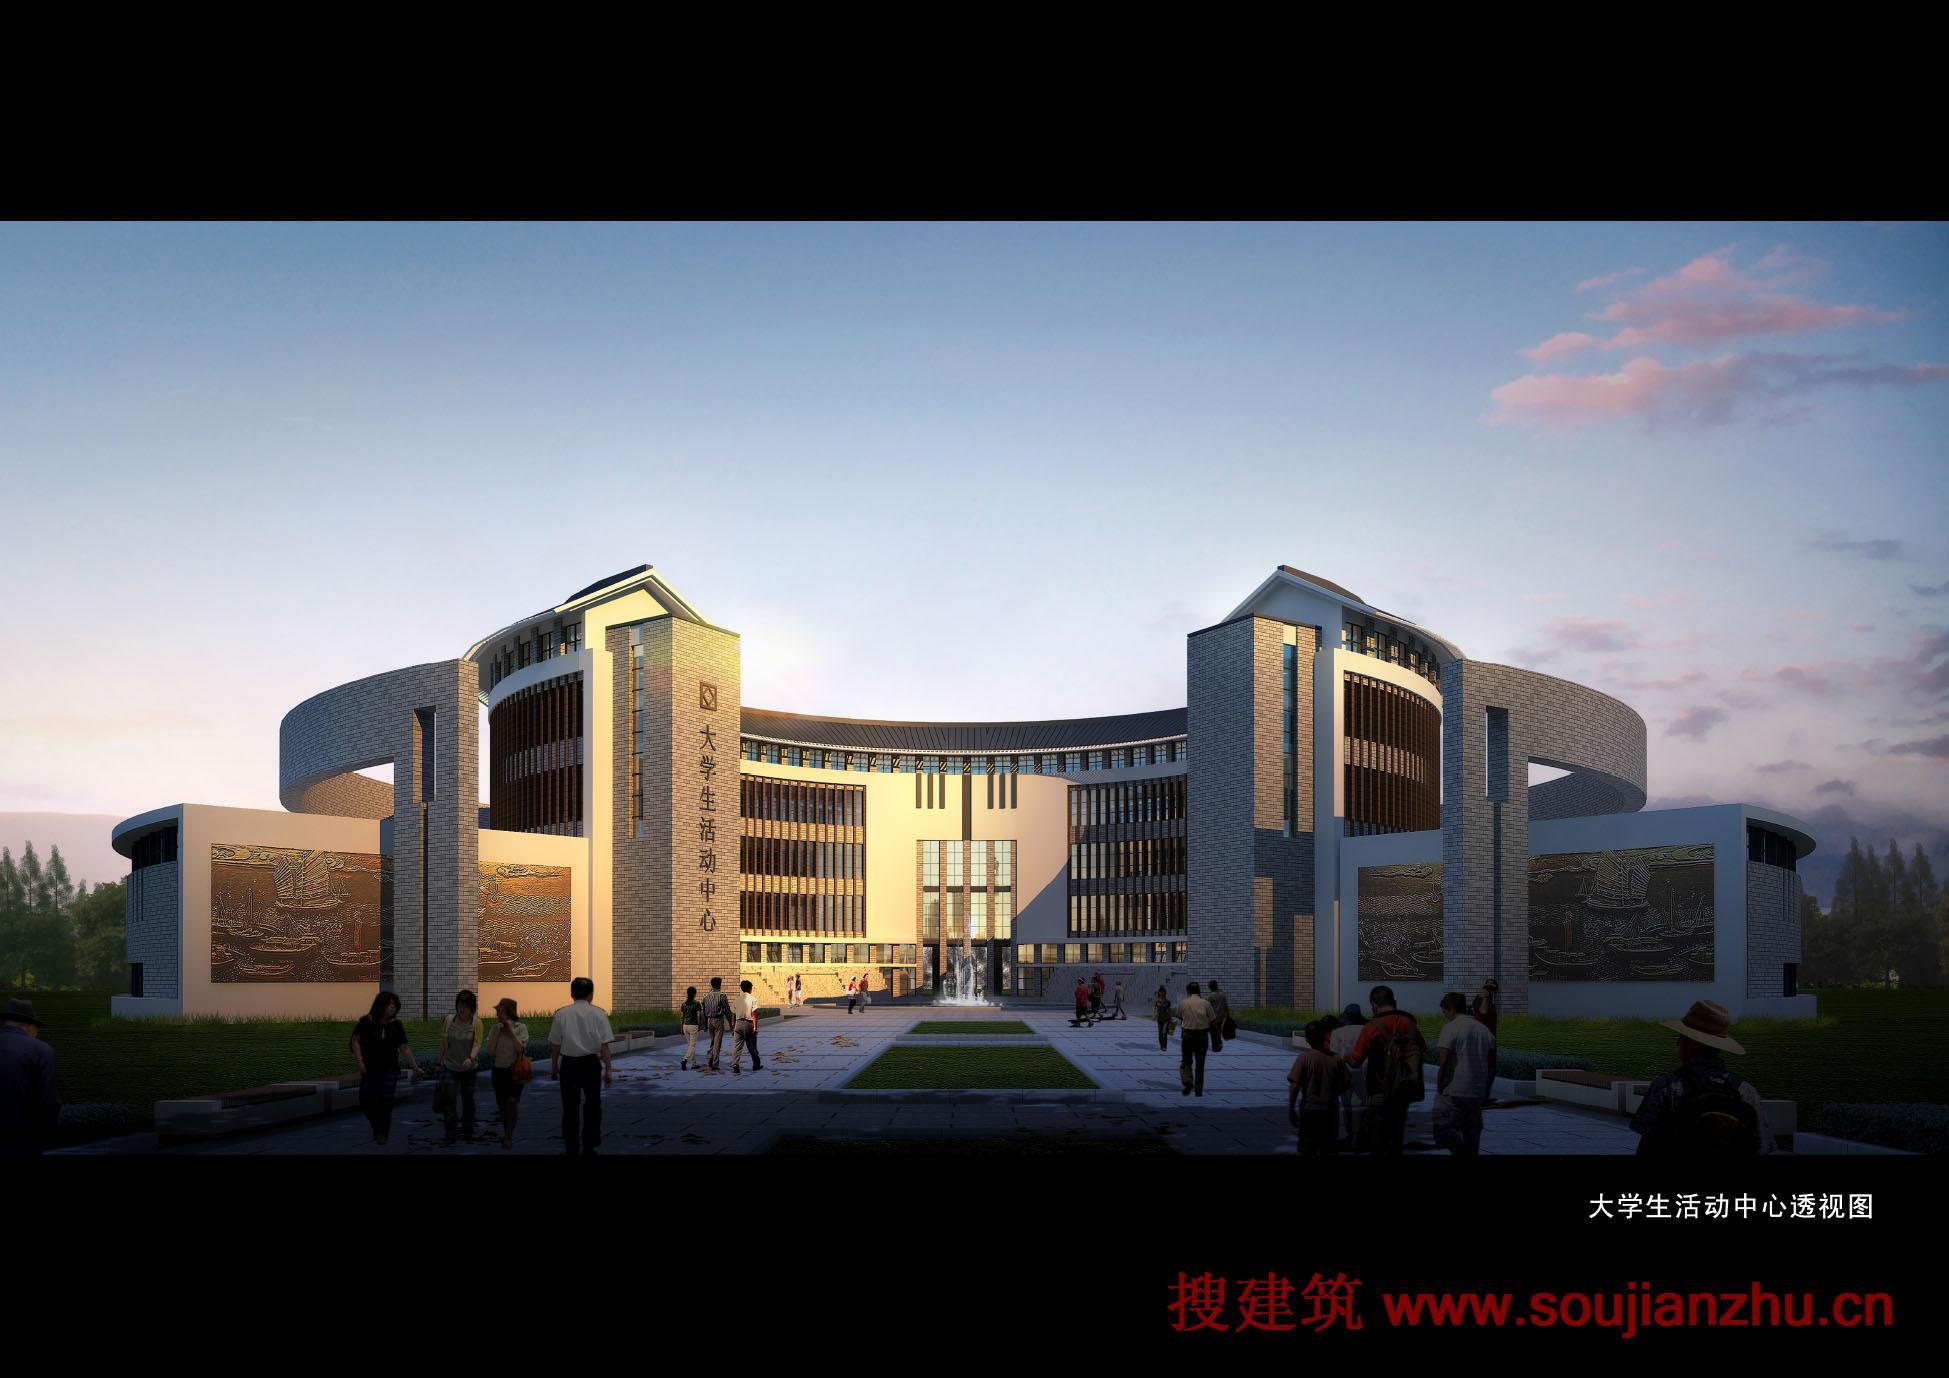 江苏省属重点大学_江苏科技大学和南通大学哪个实力强_